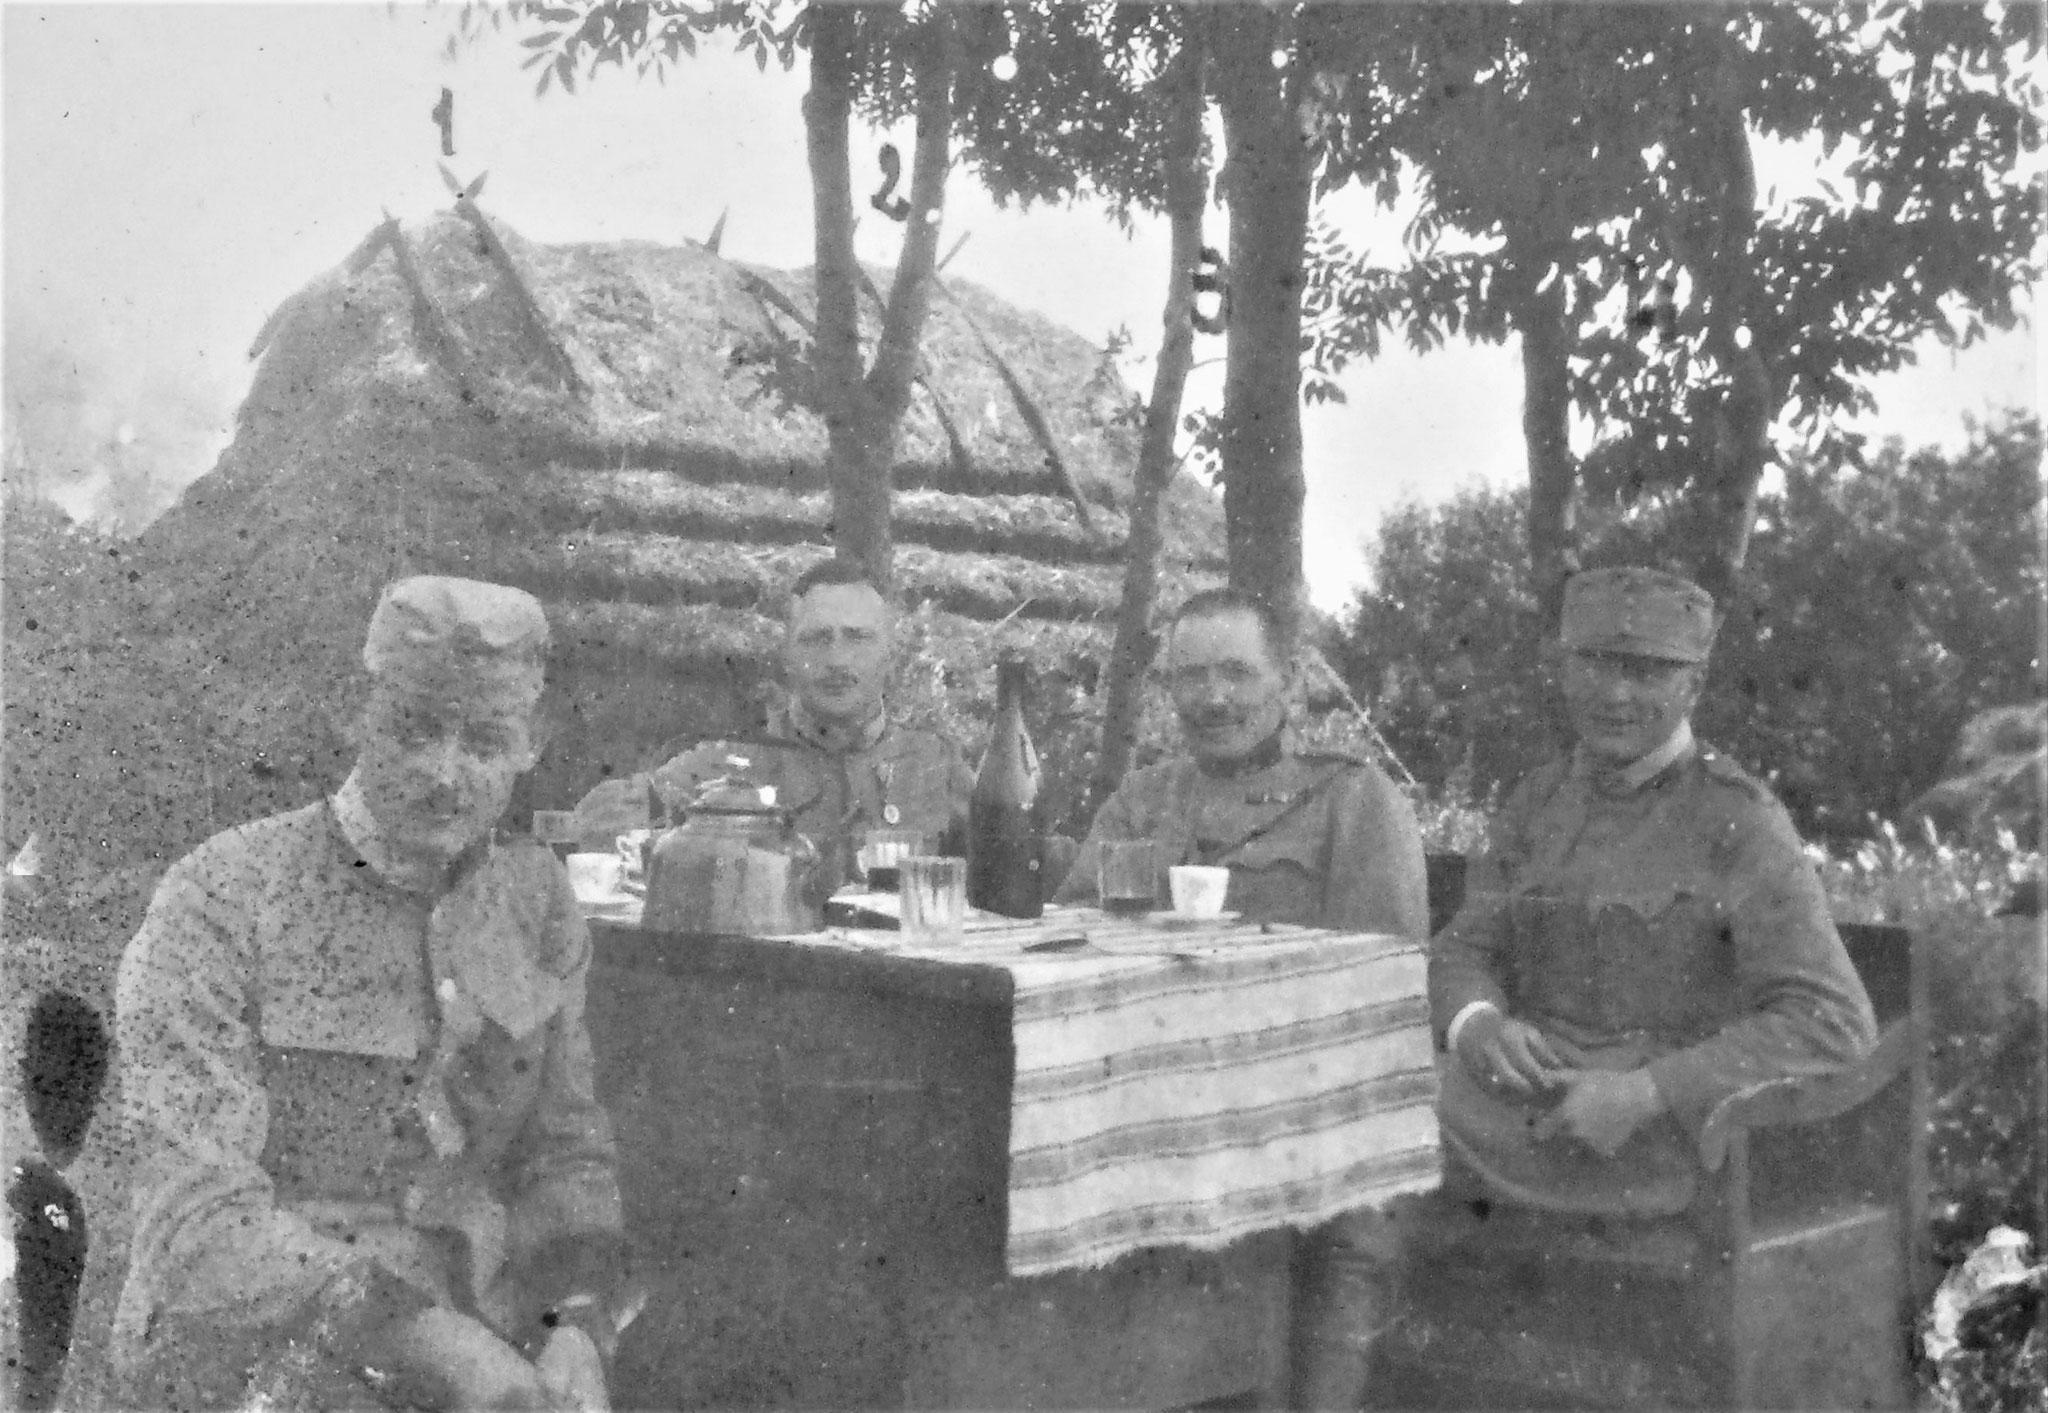 Bei der 2./D5 in Tyszkowce, nach dem Mittagessen: Reskdt Heinrich Ritt. v. Plessing, Oblt Carl Zenone, ich, Oblt Alfred Müller.